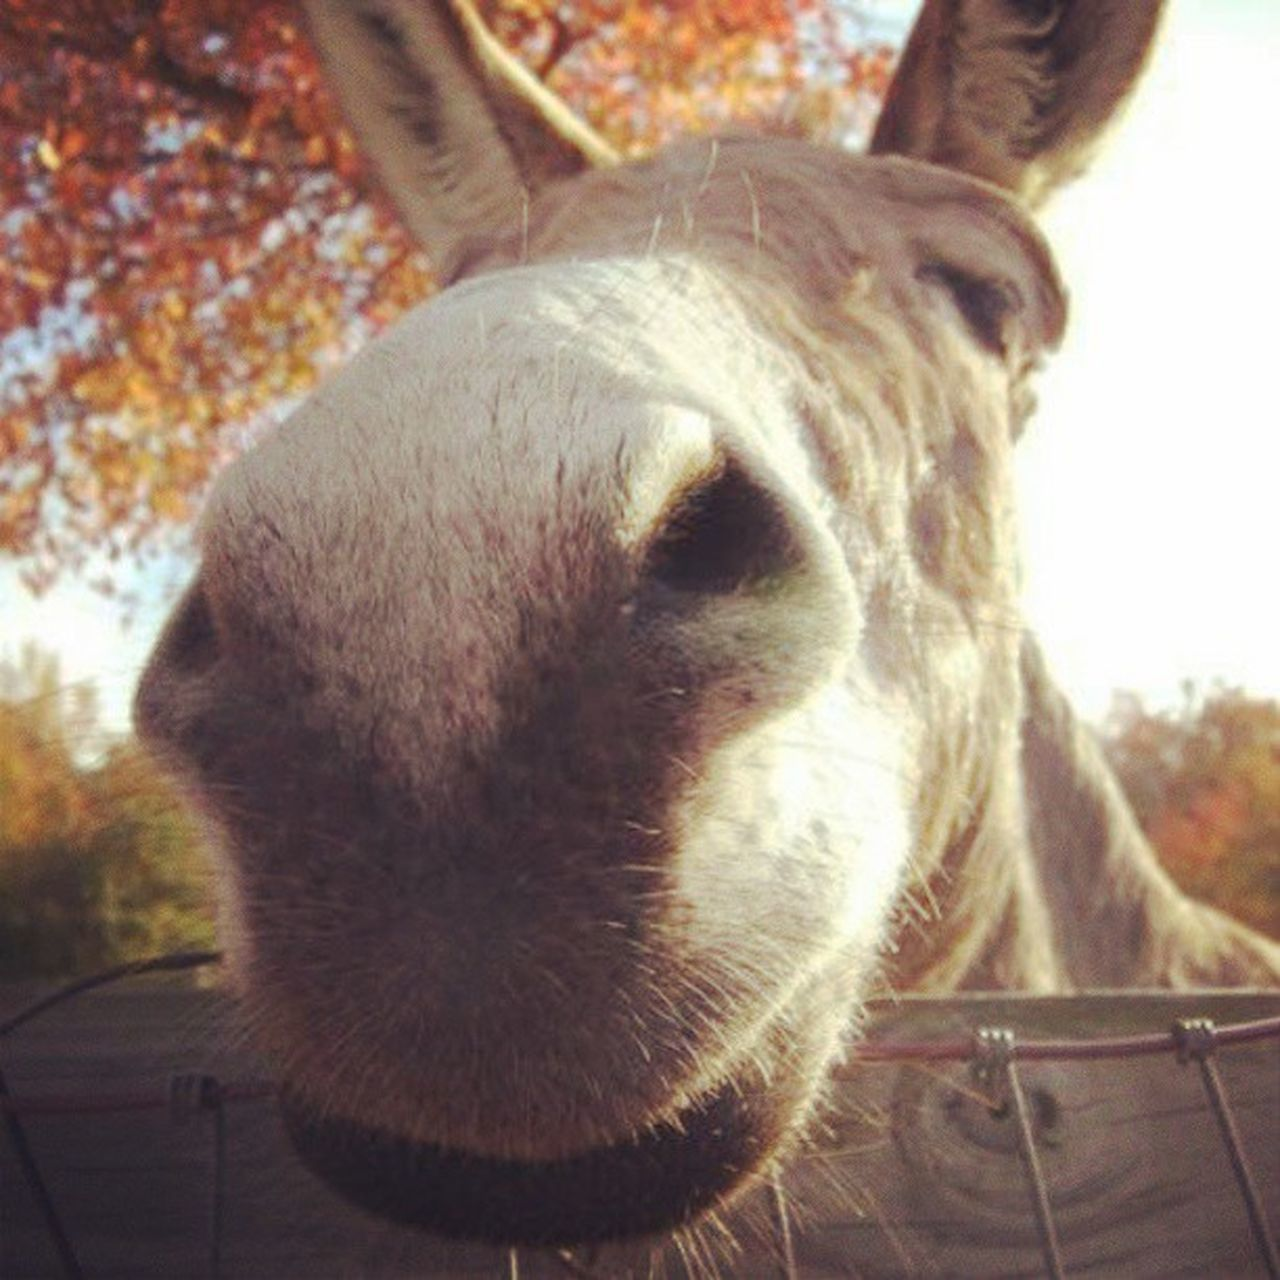 Donkey Nose